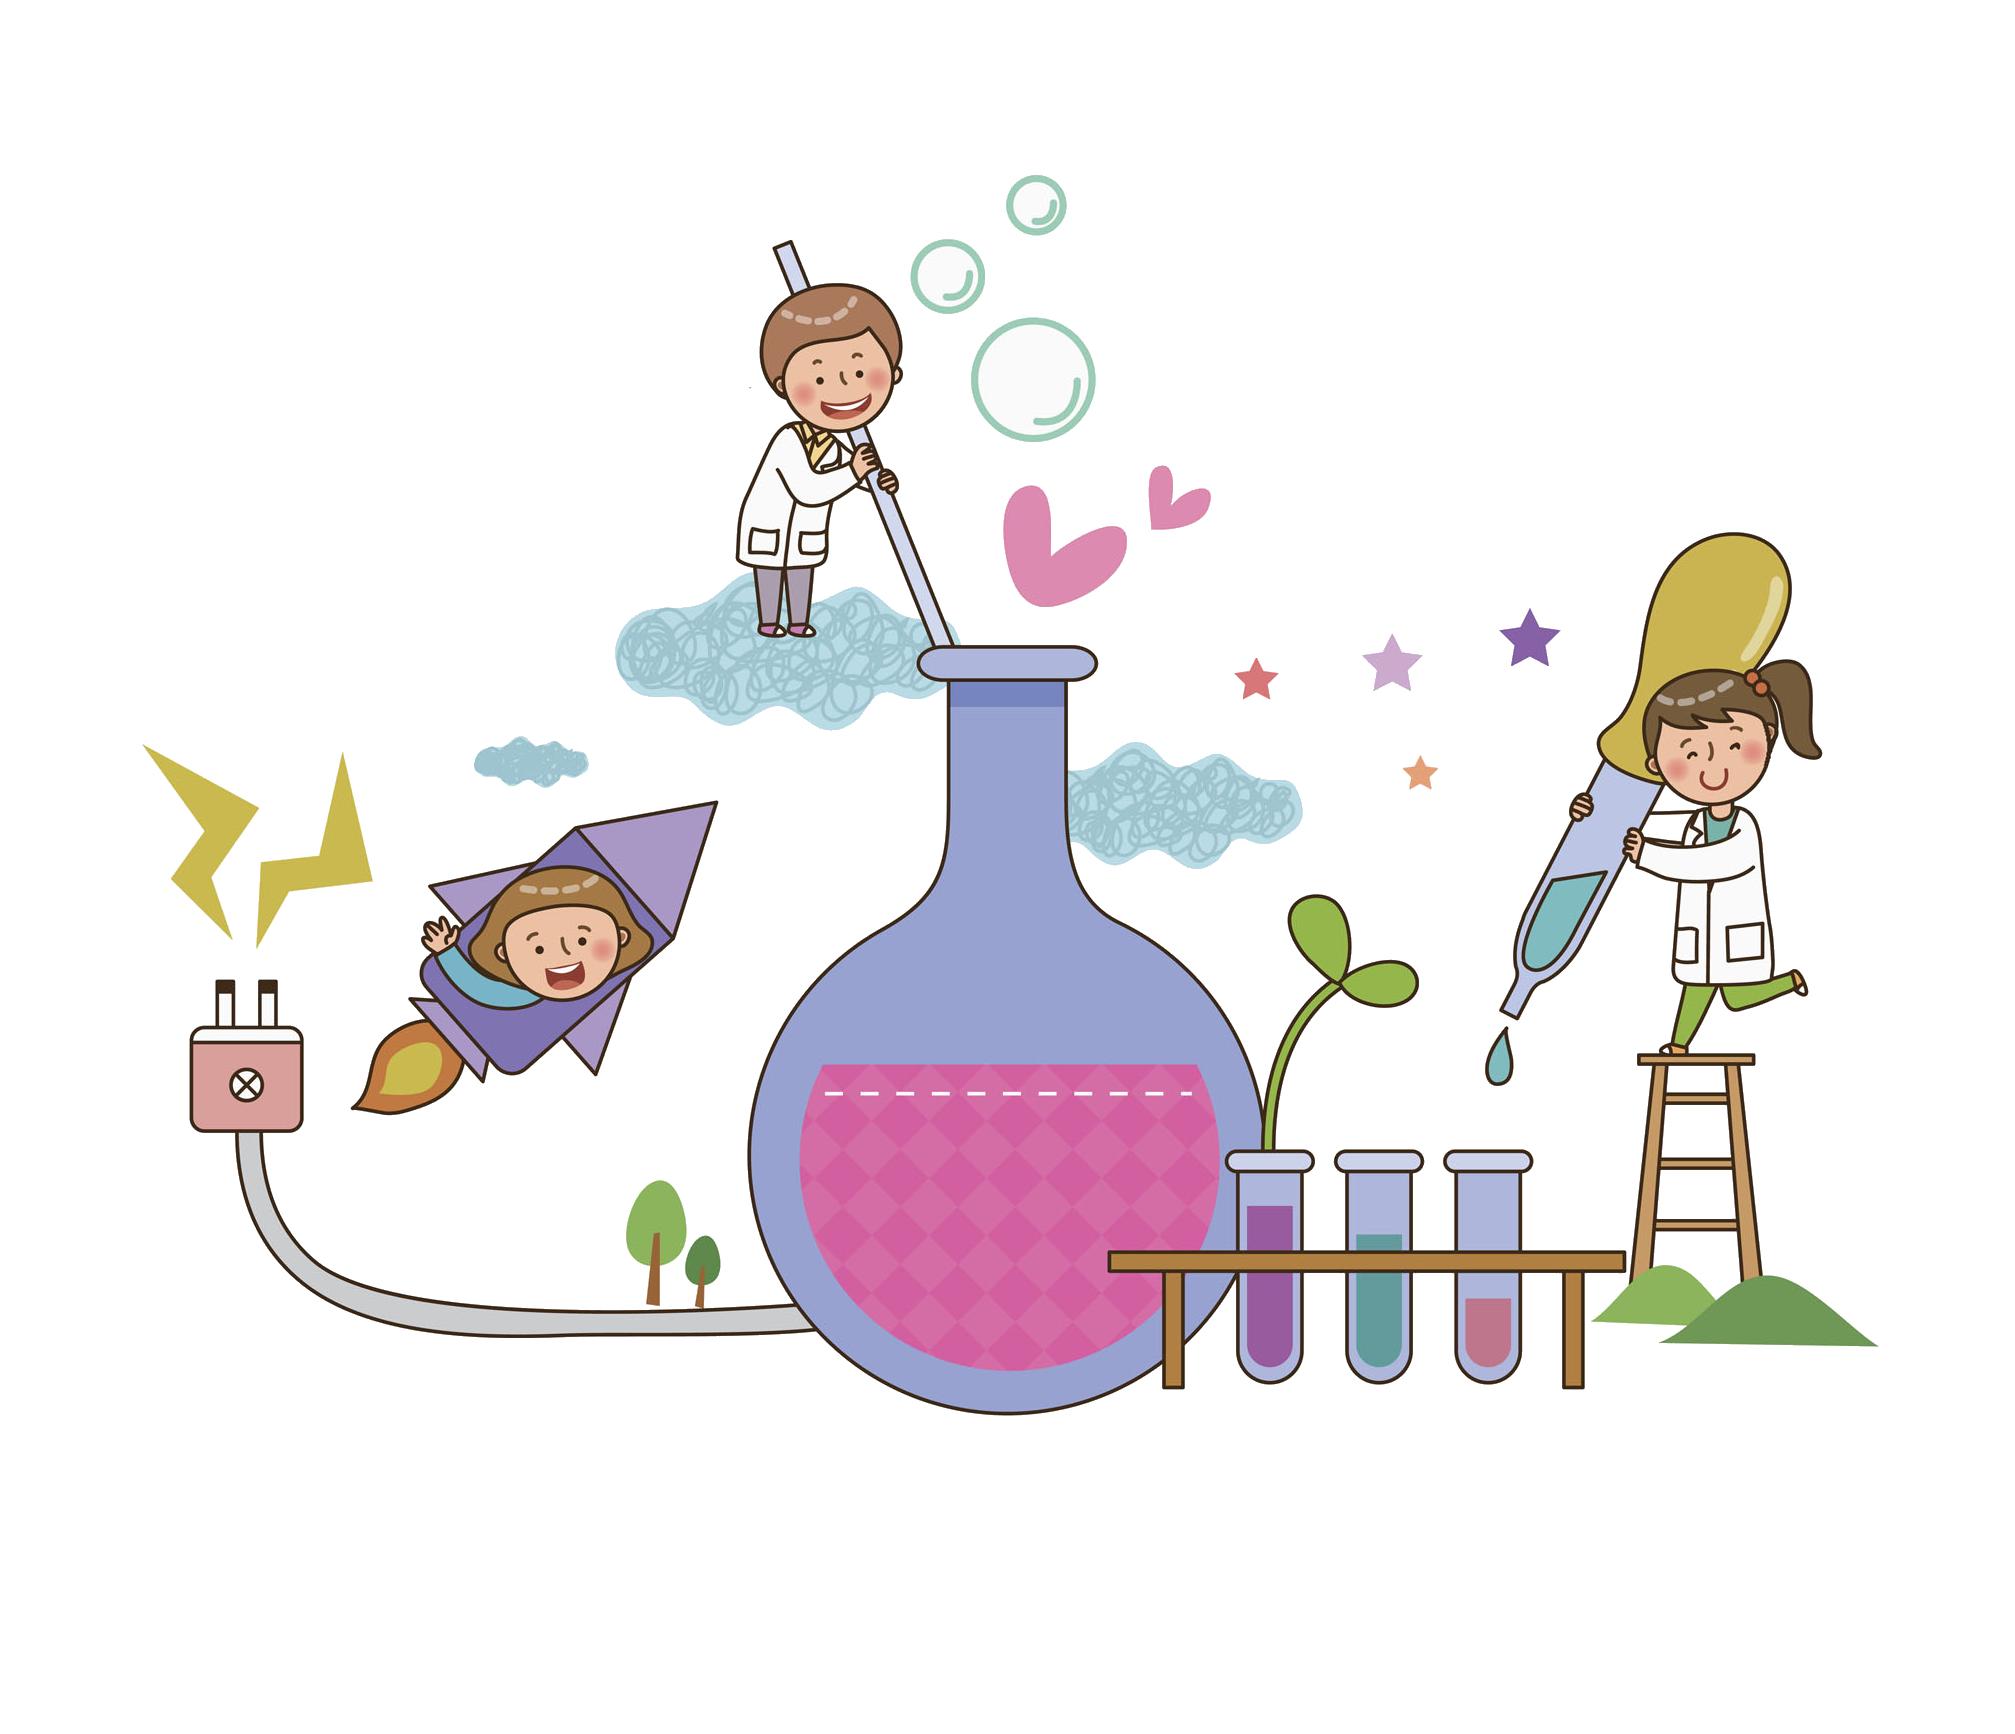 子ども水素体験教室